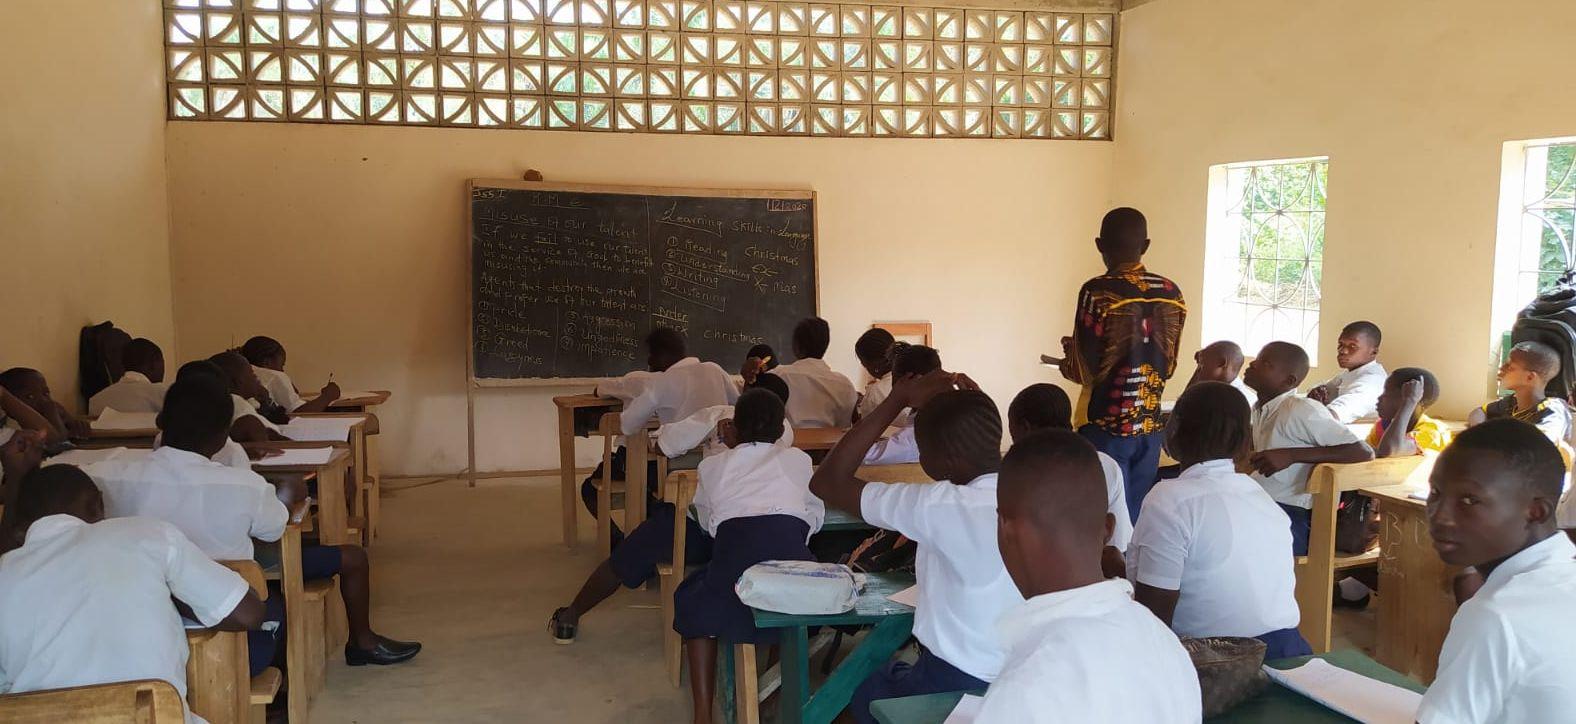 80 Kinder und Jugendliche besuchen die neue Junior Secondary School in Mansadu aktuell.